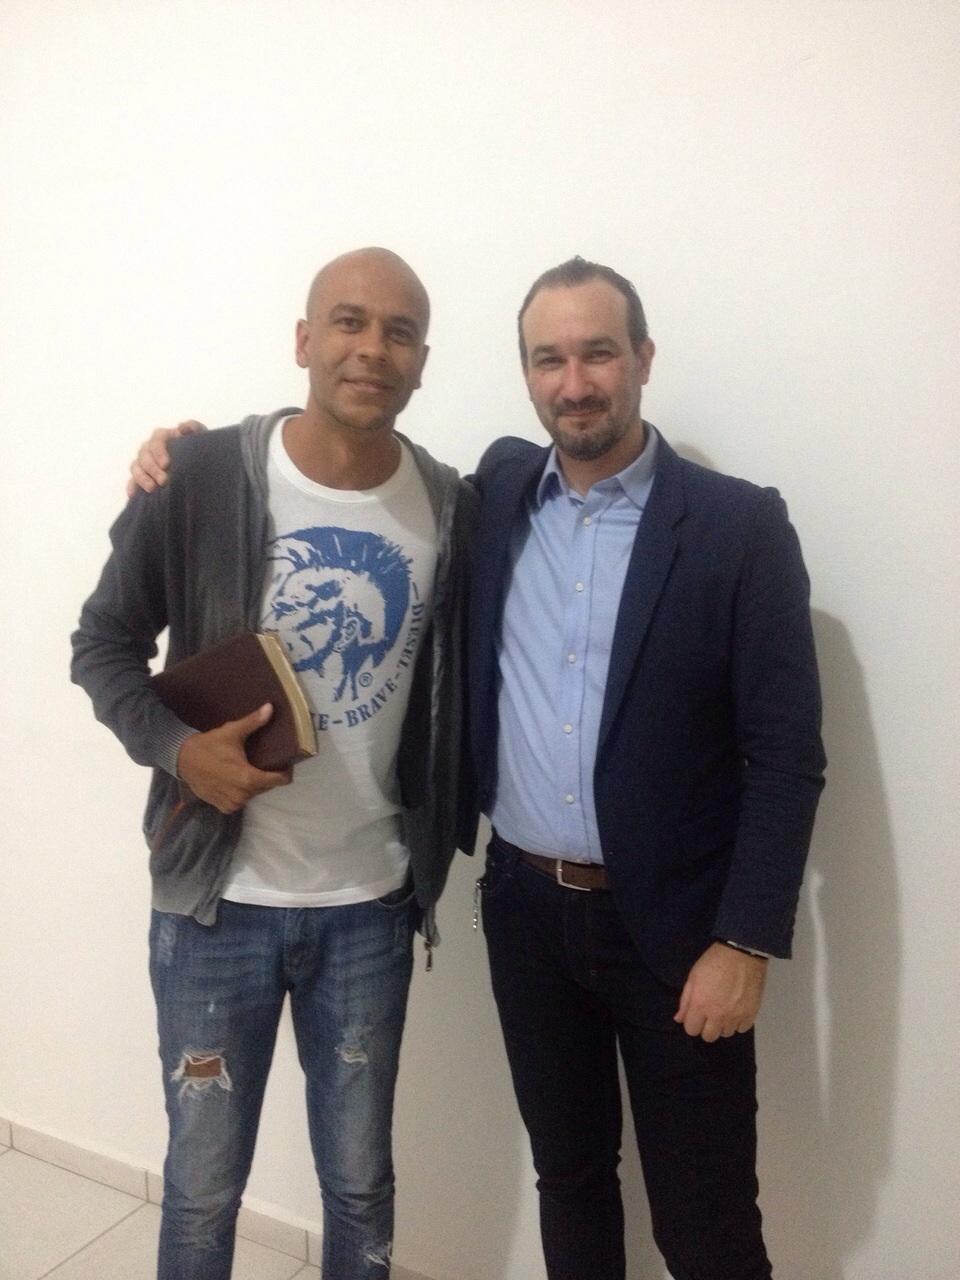 Alex enviou ao Blog do Boleiro esta foto com o Pastor Francisco de Moraes